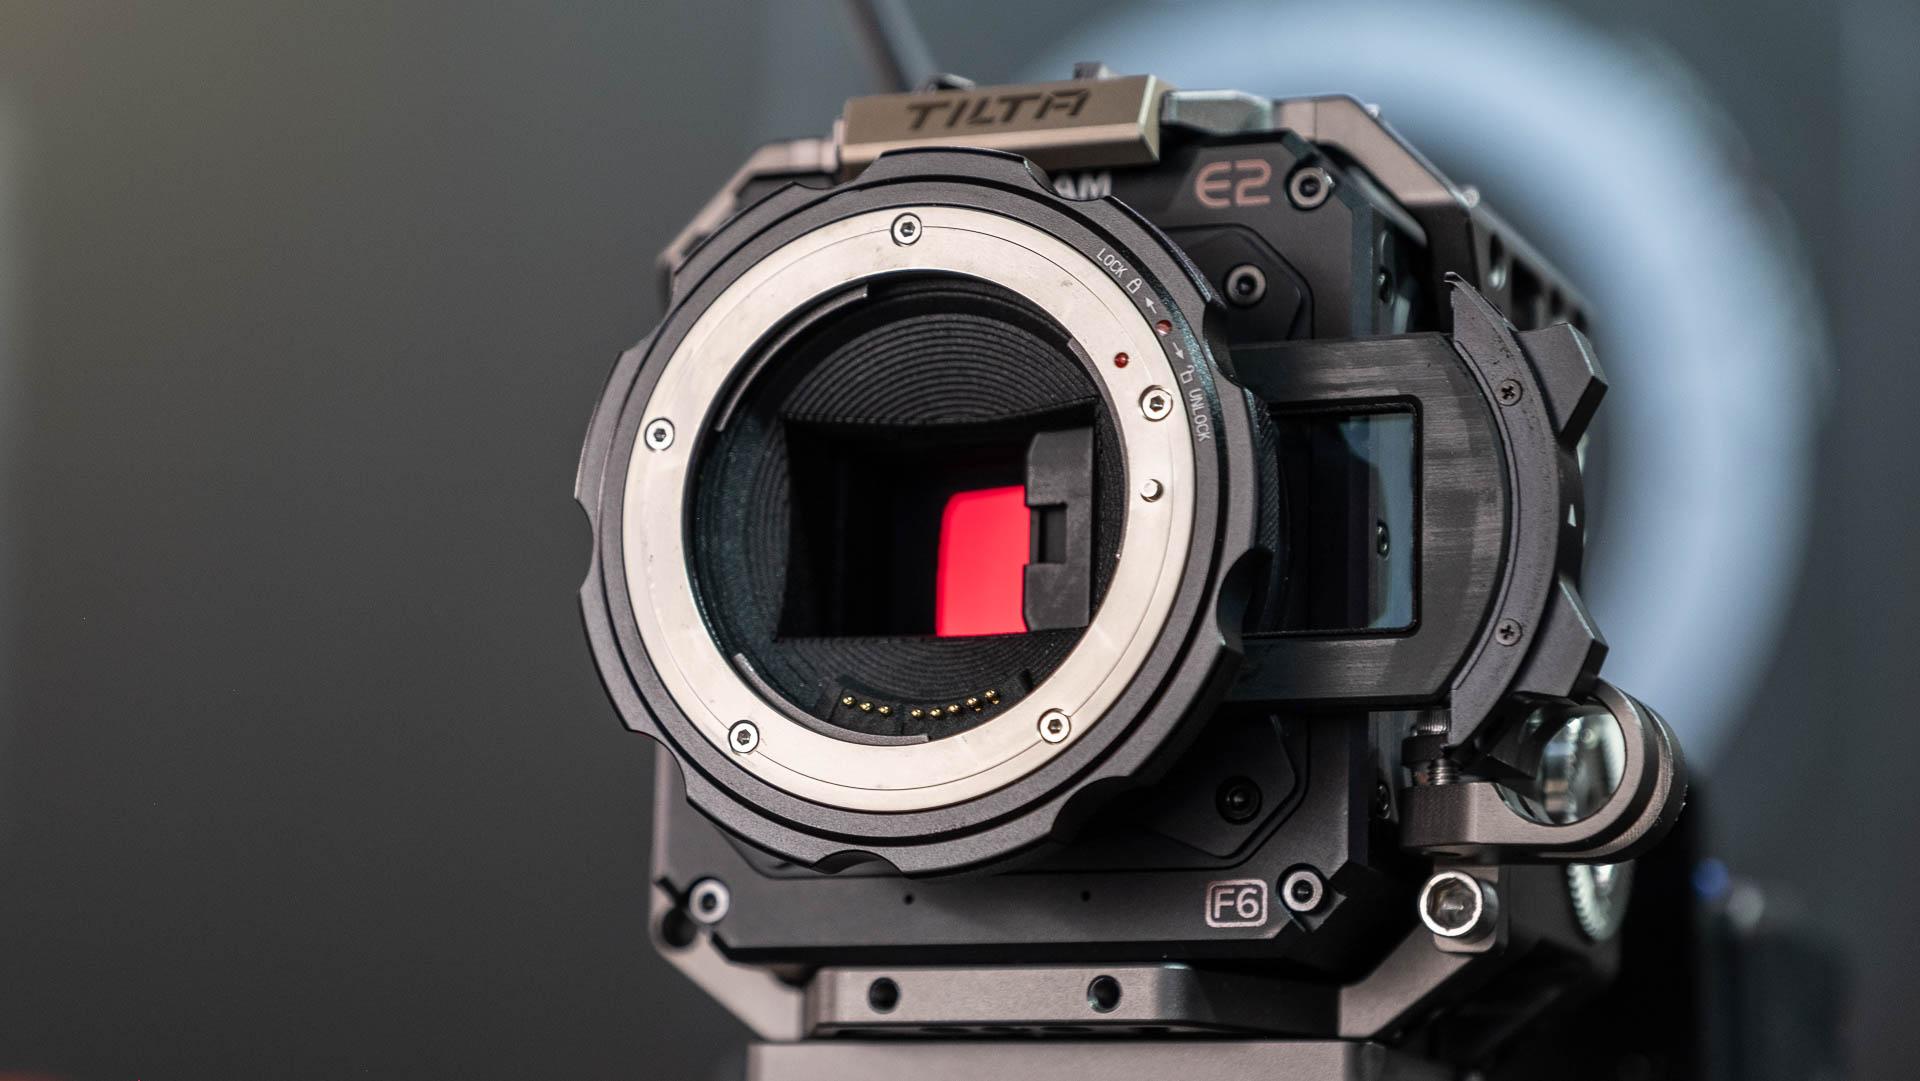 Nuevos modelos de la cámara Z CAM E2: S6, F6 y F8 – se enviarán muy pronto con filtro ND electrónico opcional